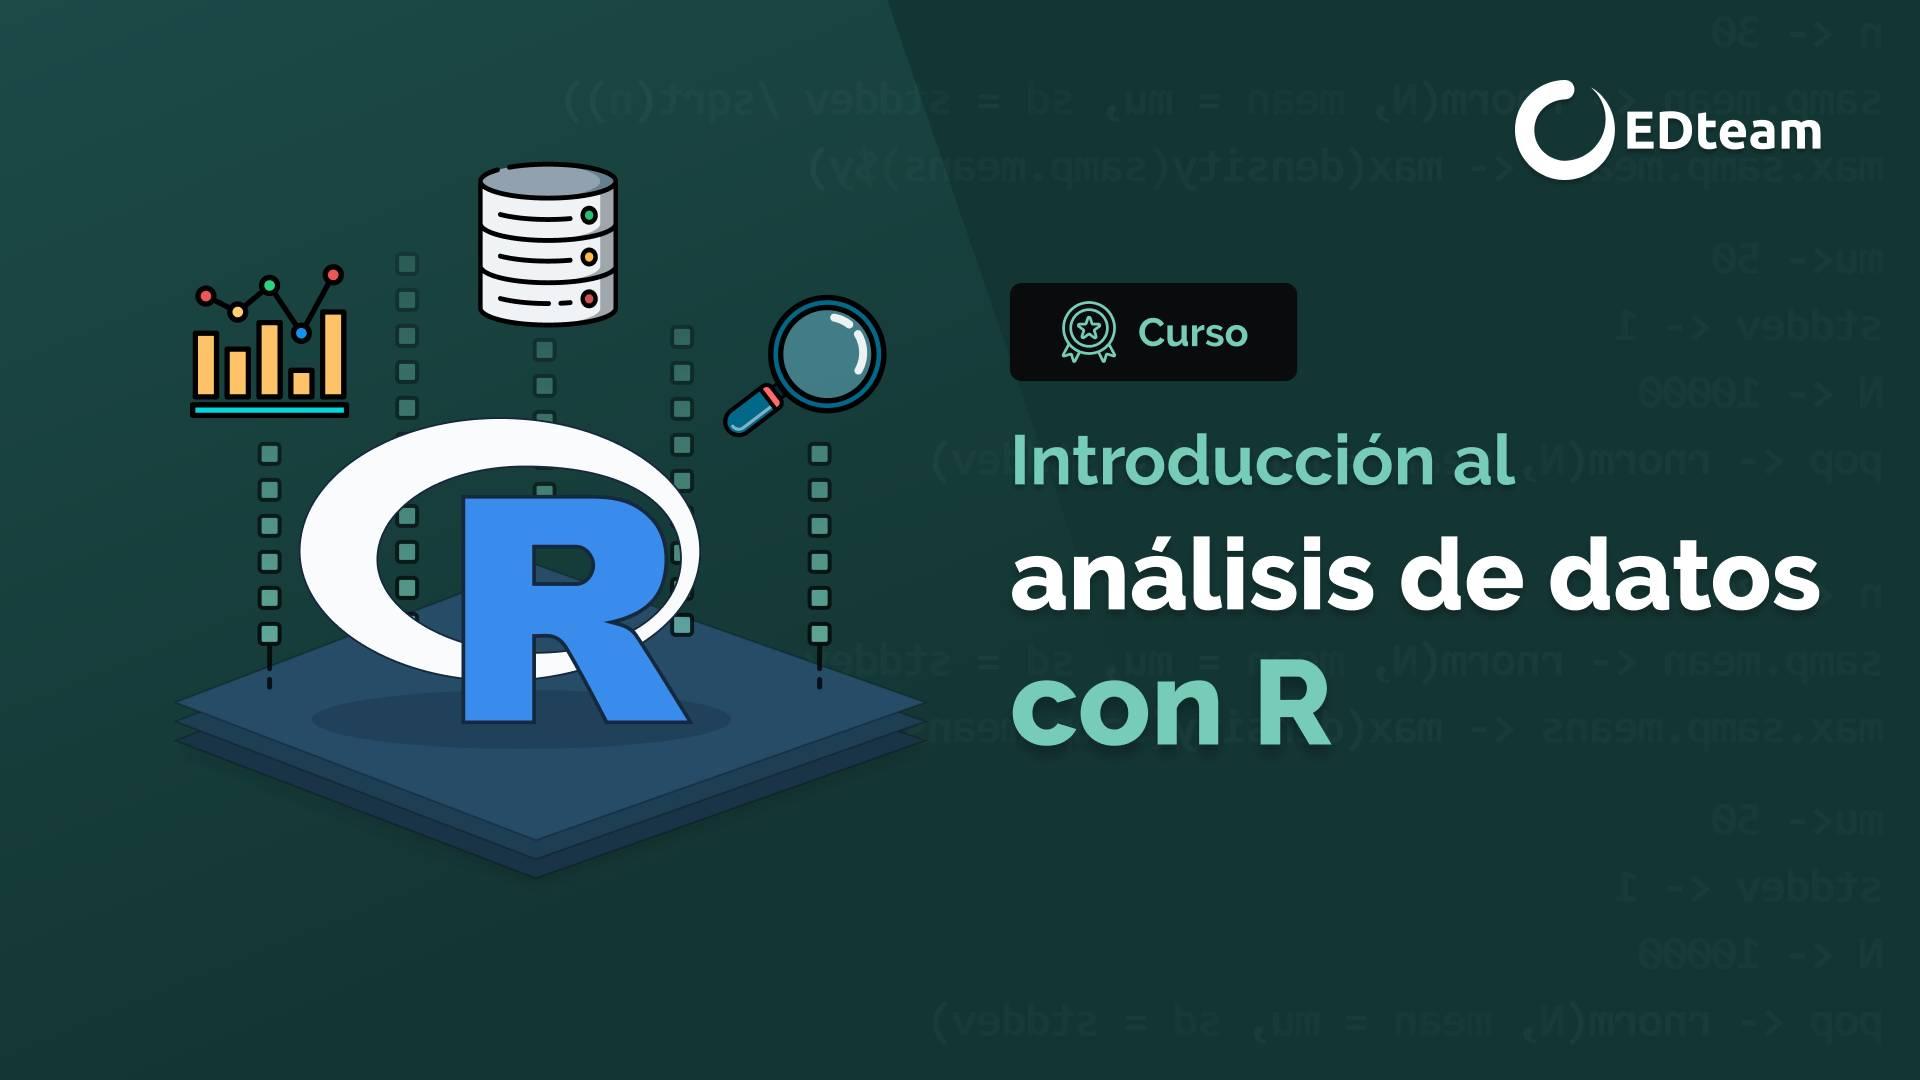 Introducción al análisis de datos con R